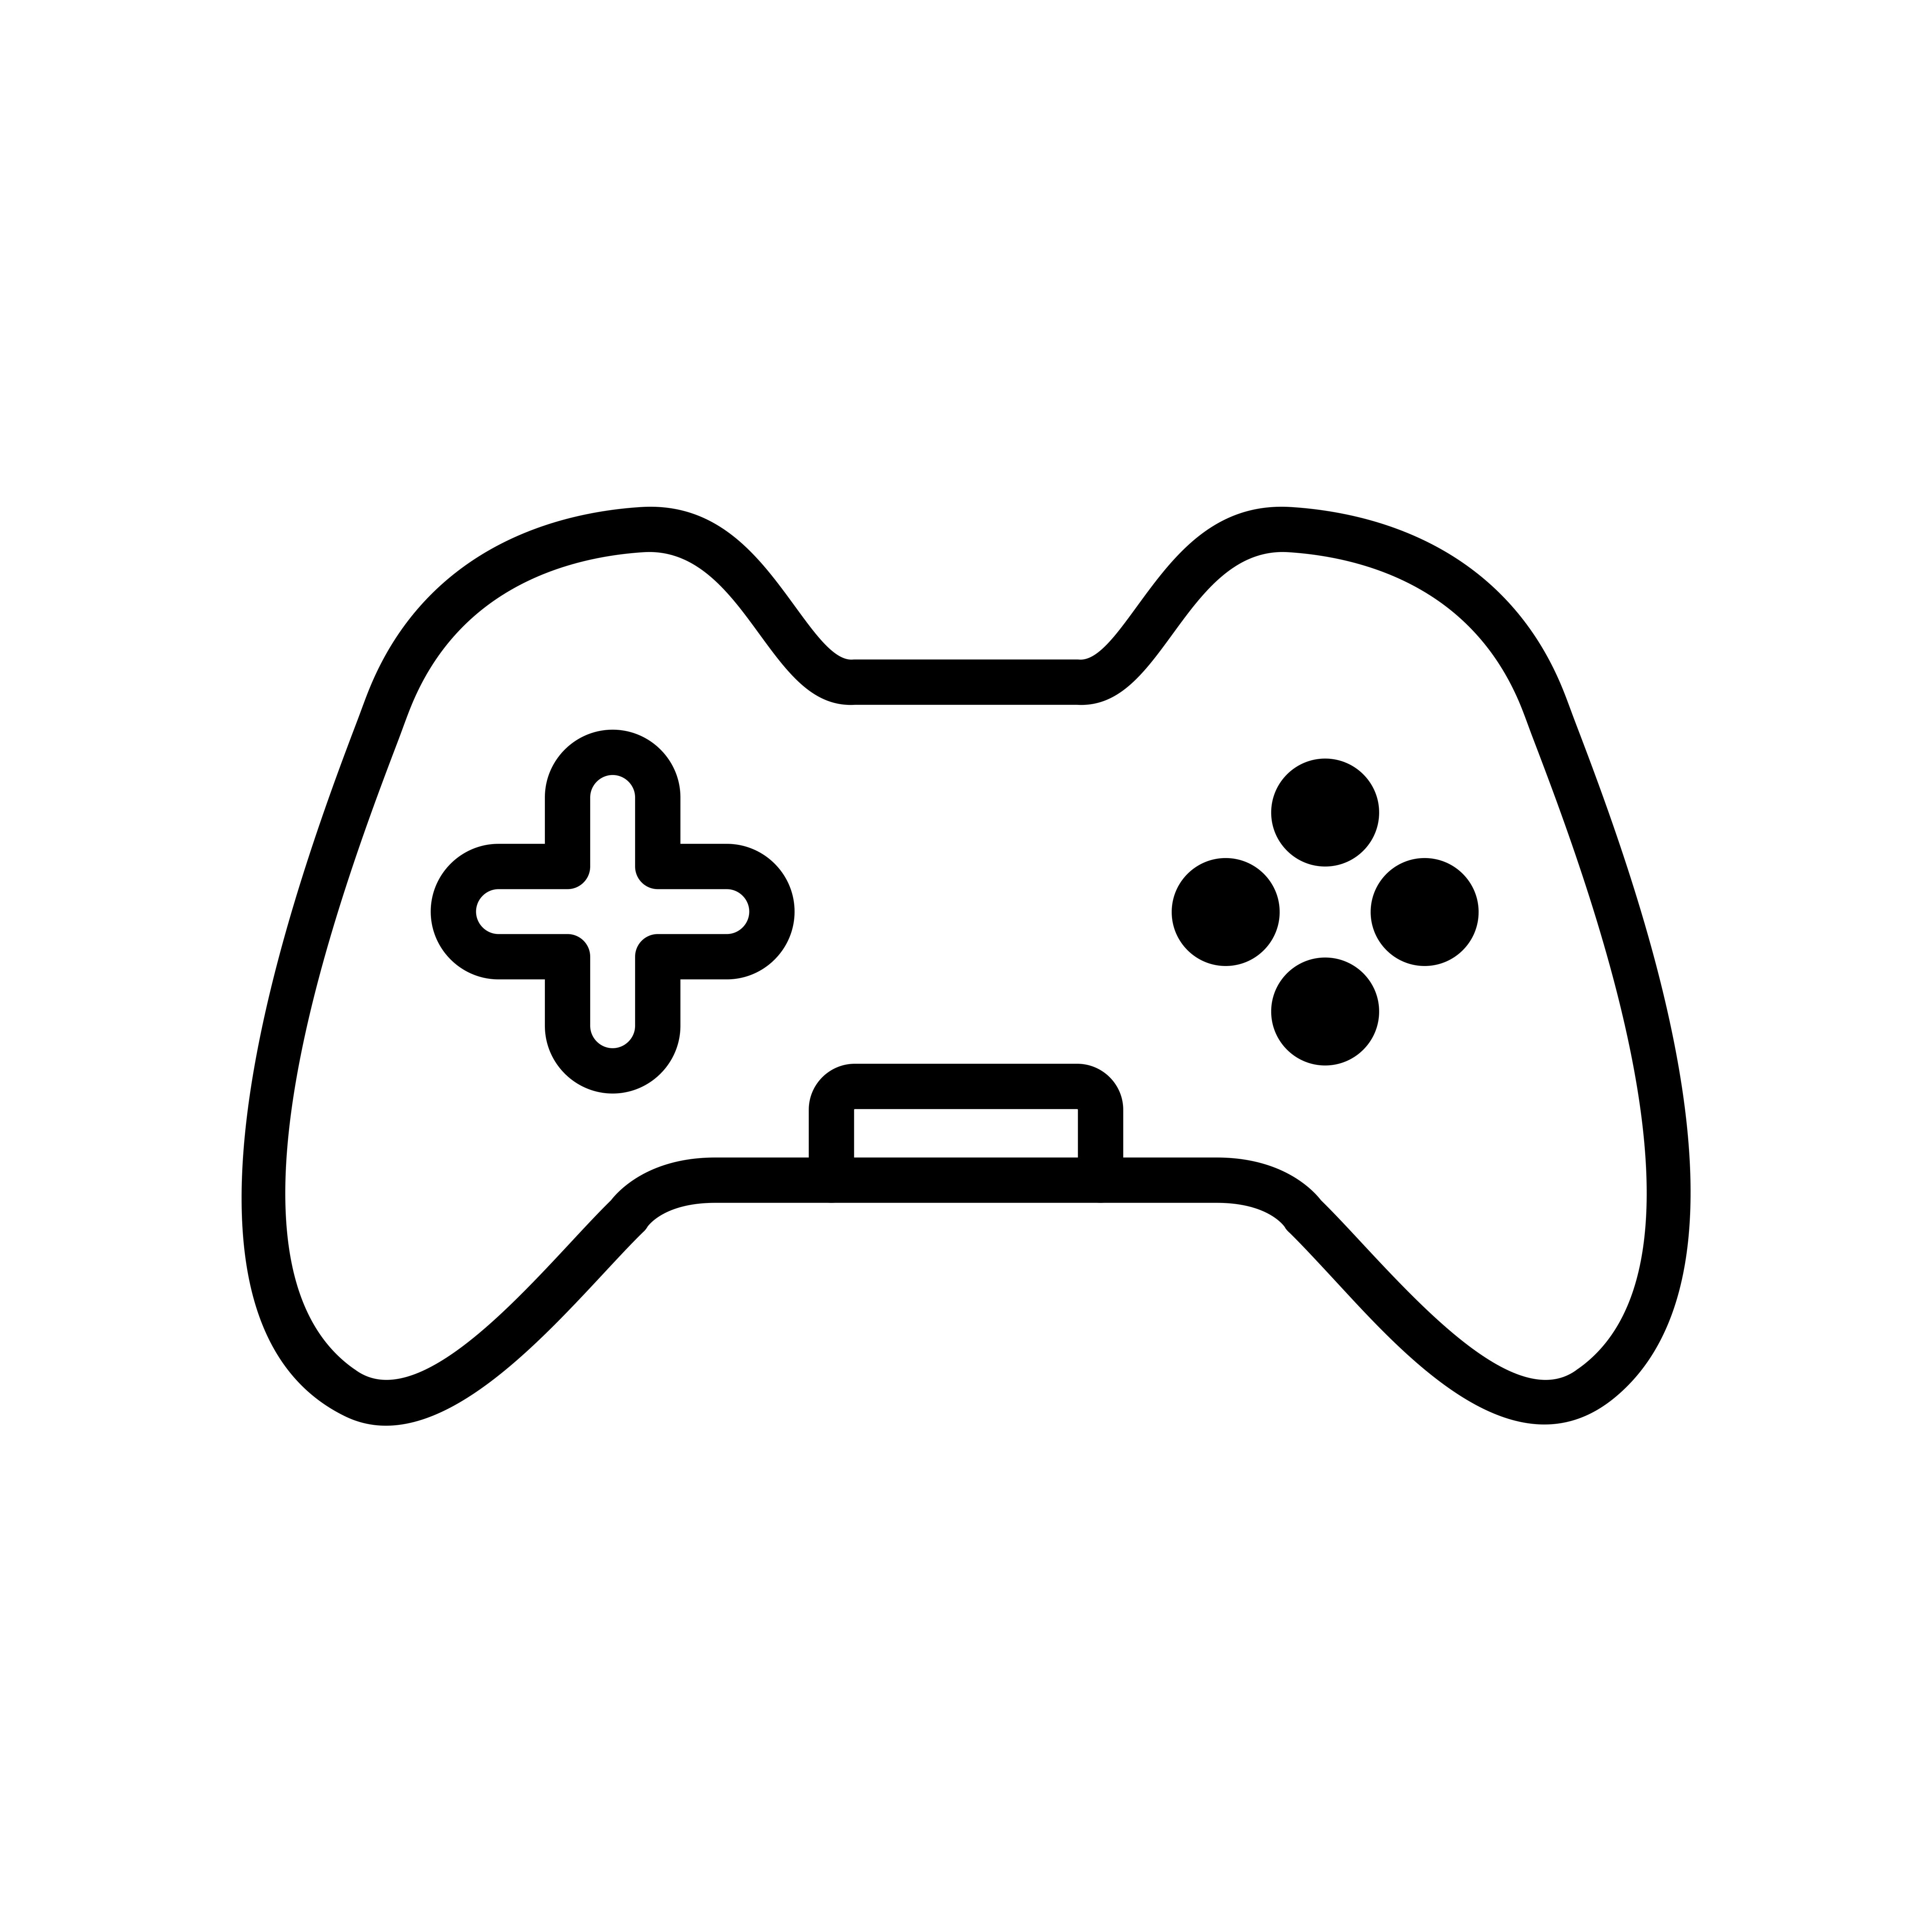 Control Pad Vector Icon